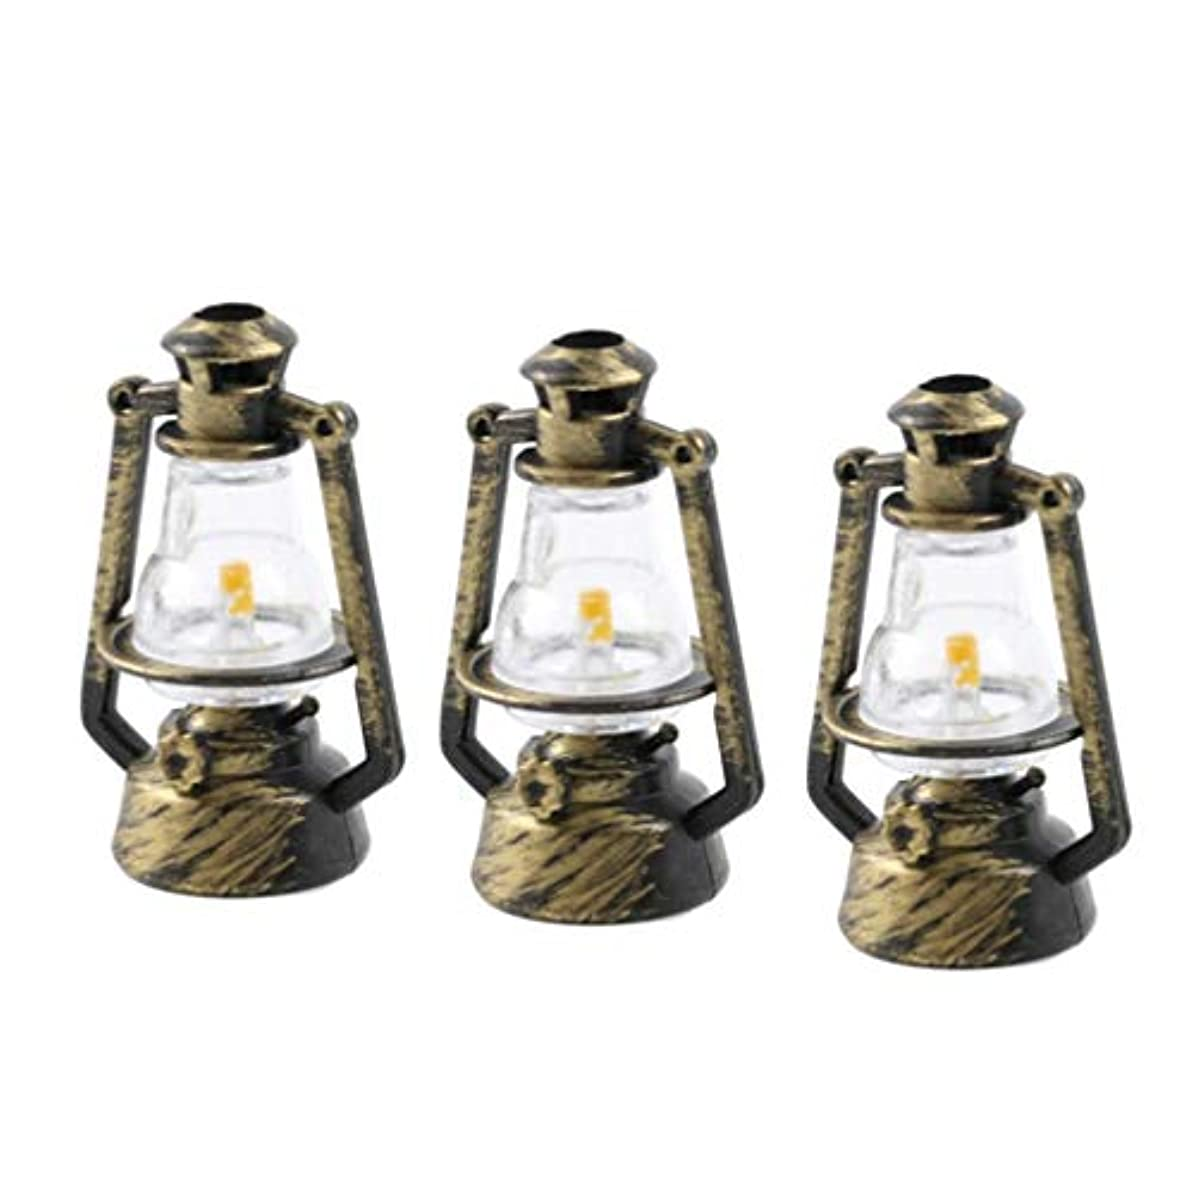 雑種マカダムプラカードHEALLILY ミニレトロ灯油ランプ飾り1:12ドールハウスミニチュア家具ドールハウス装飾アクセサリー風景装飾6ピース